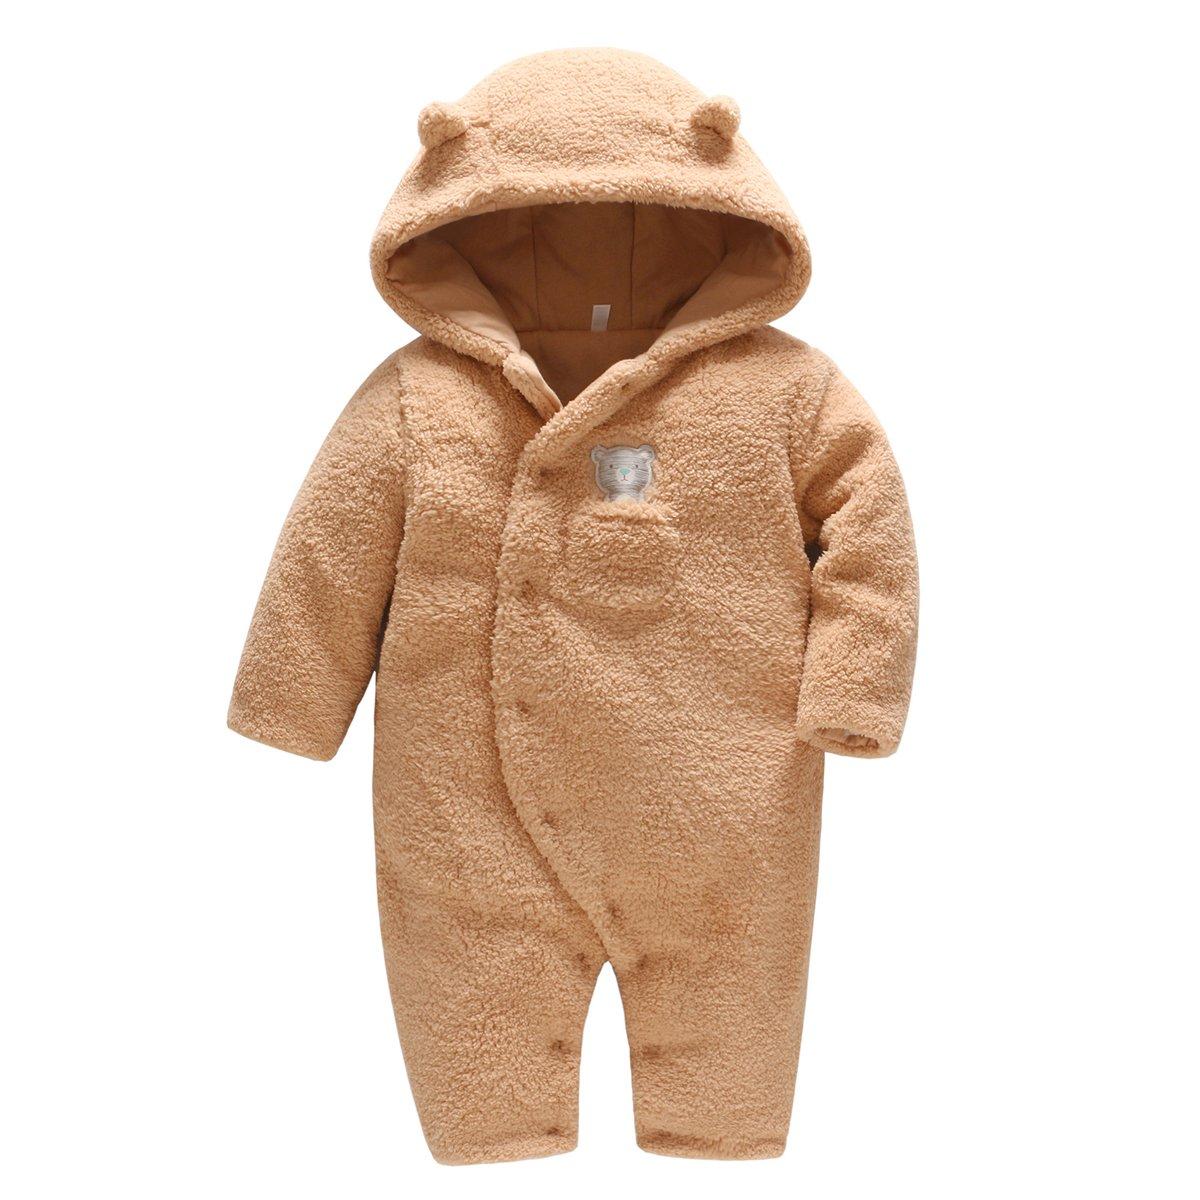 c374d8d9c Newborn Baby Hooded Fleece Romper Snowsuit Infant Onesies Jumpsuit ...